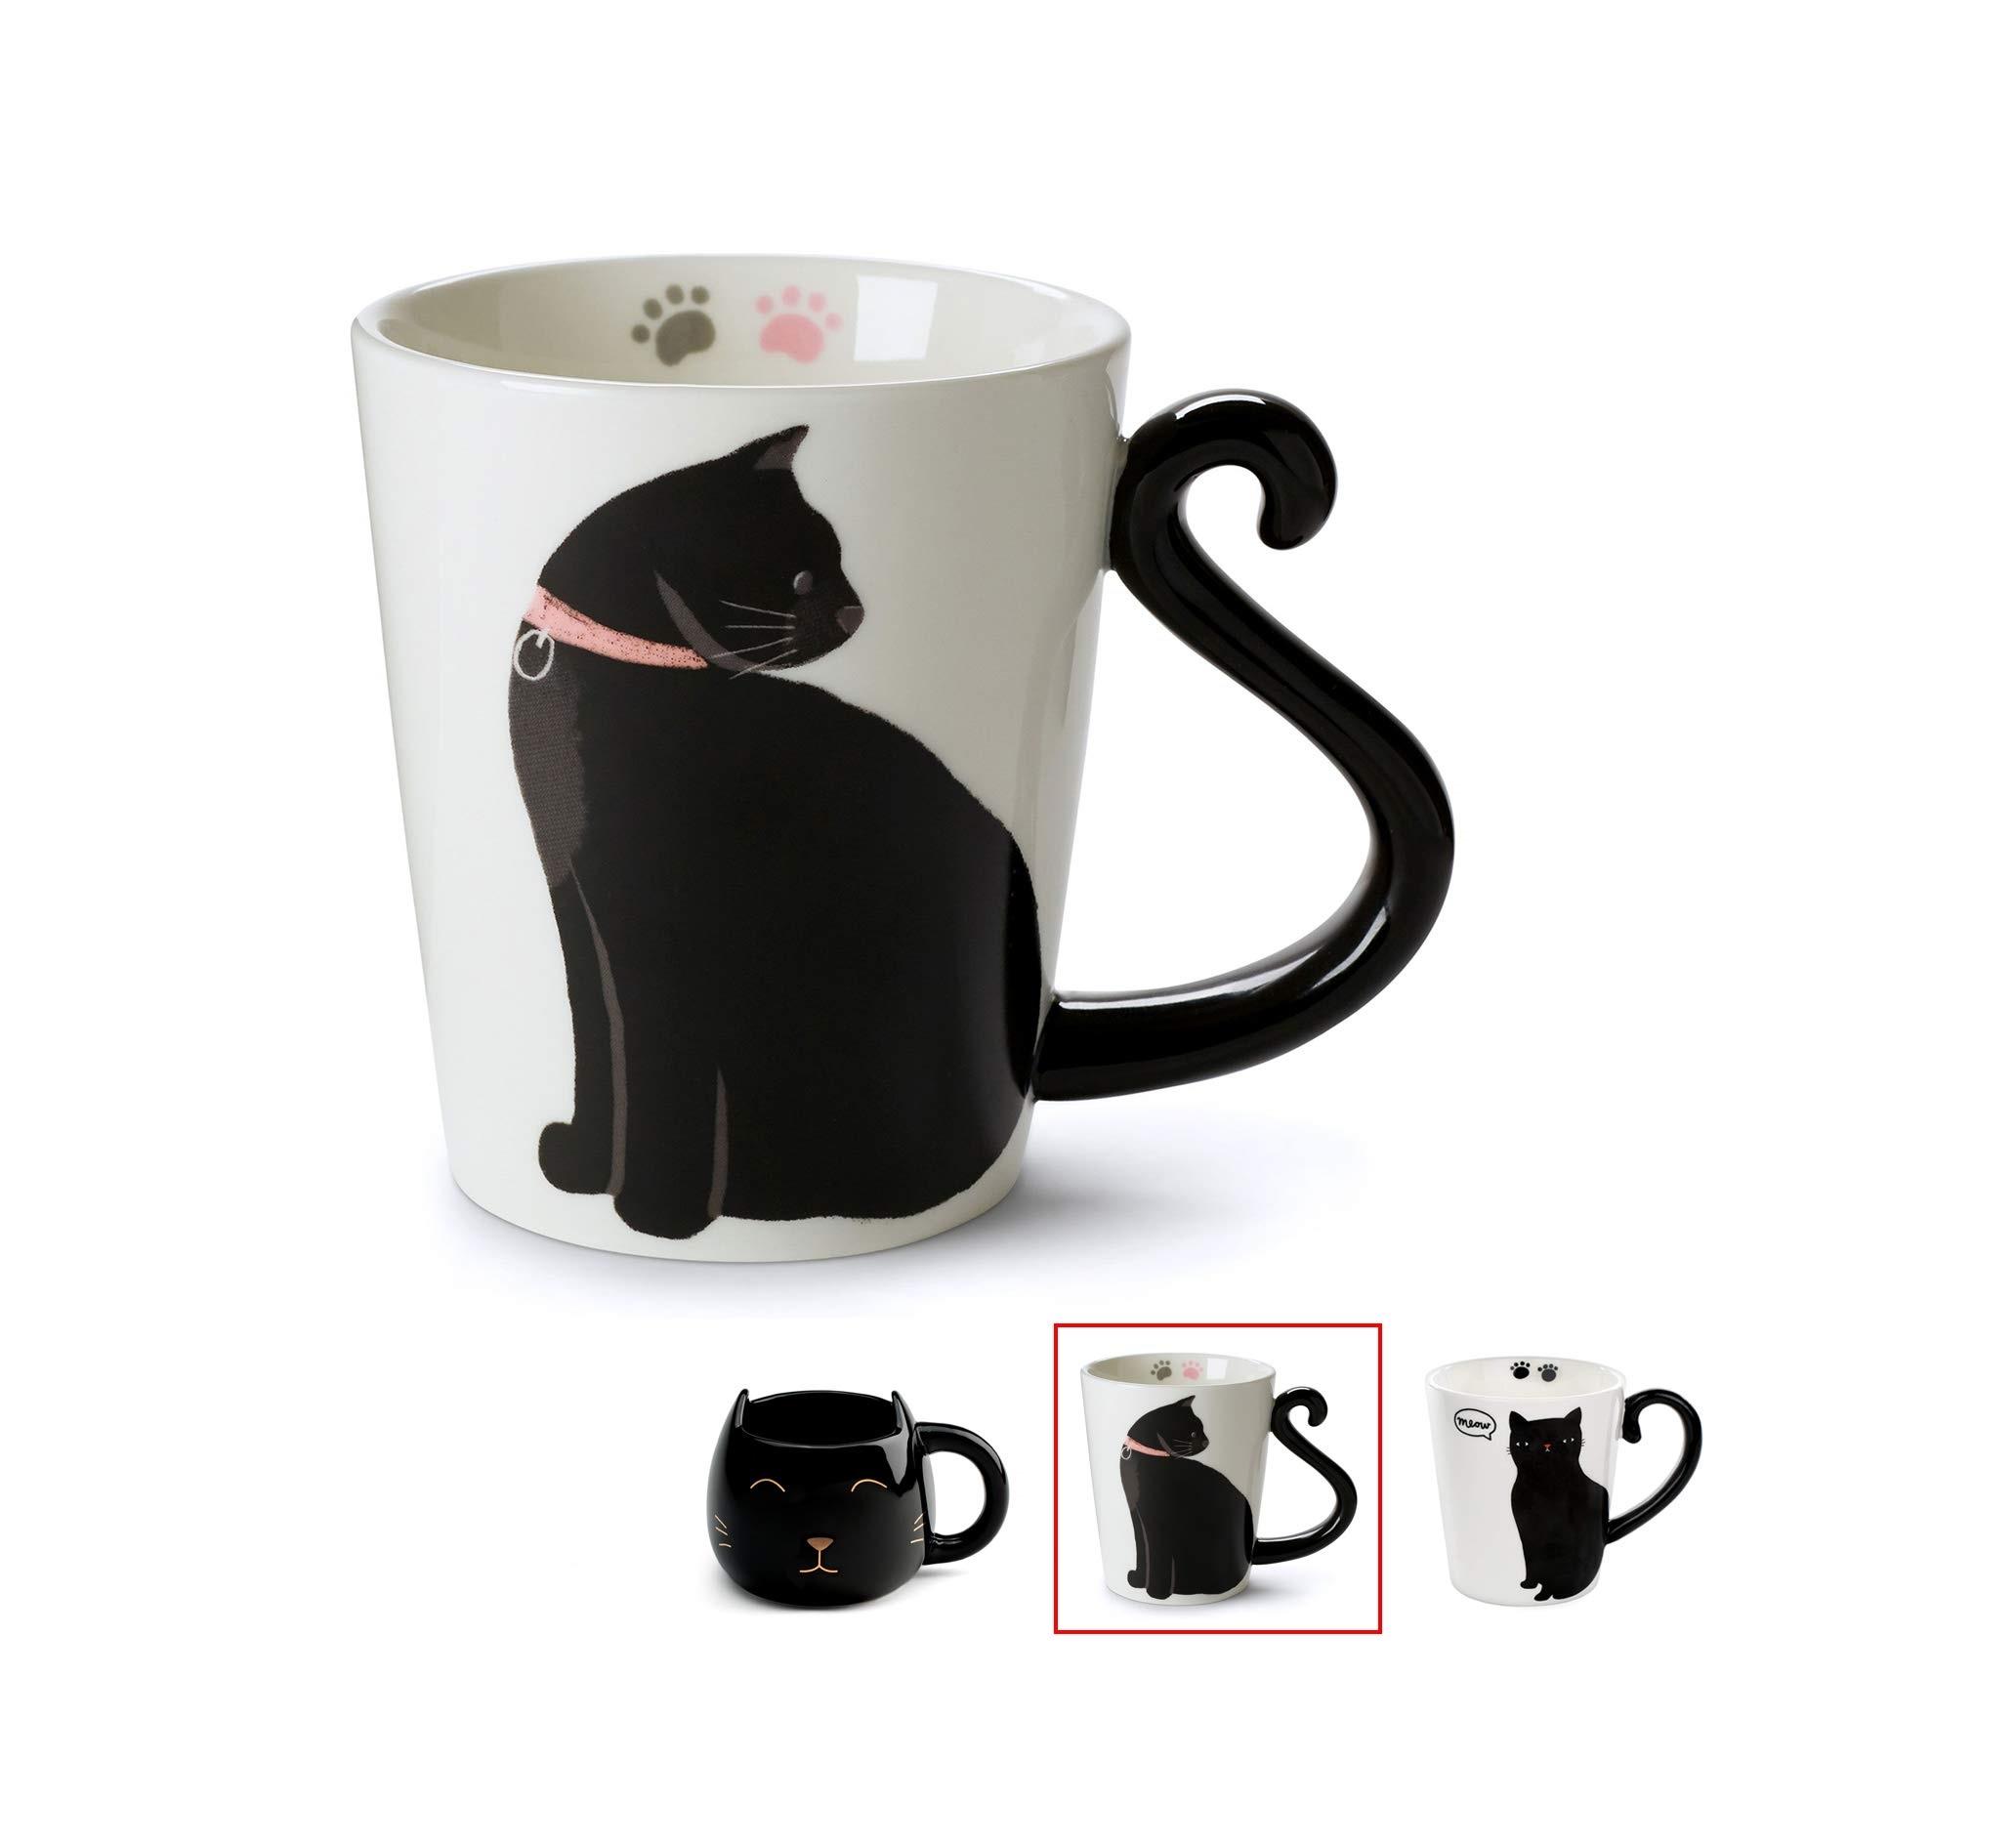 Κούπα γάτα με λαβή ουρά